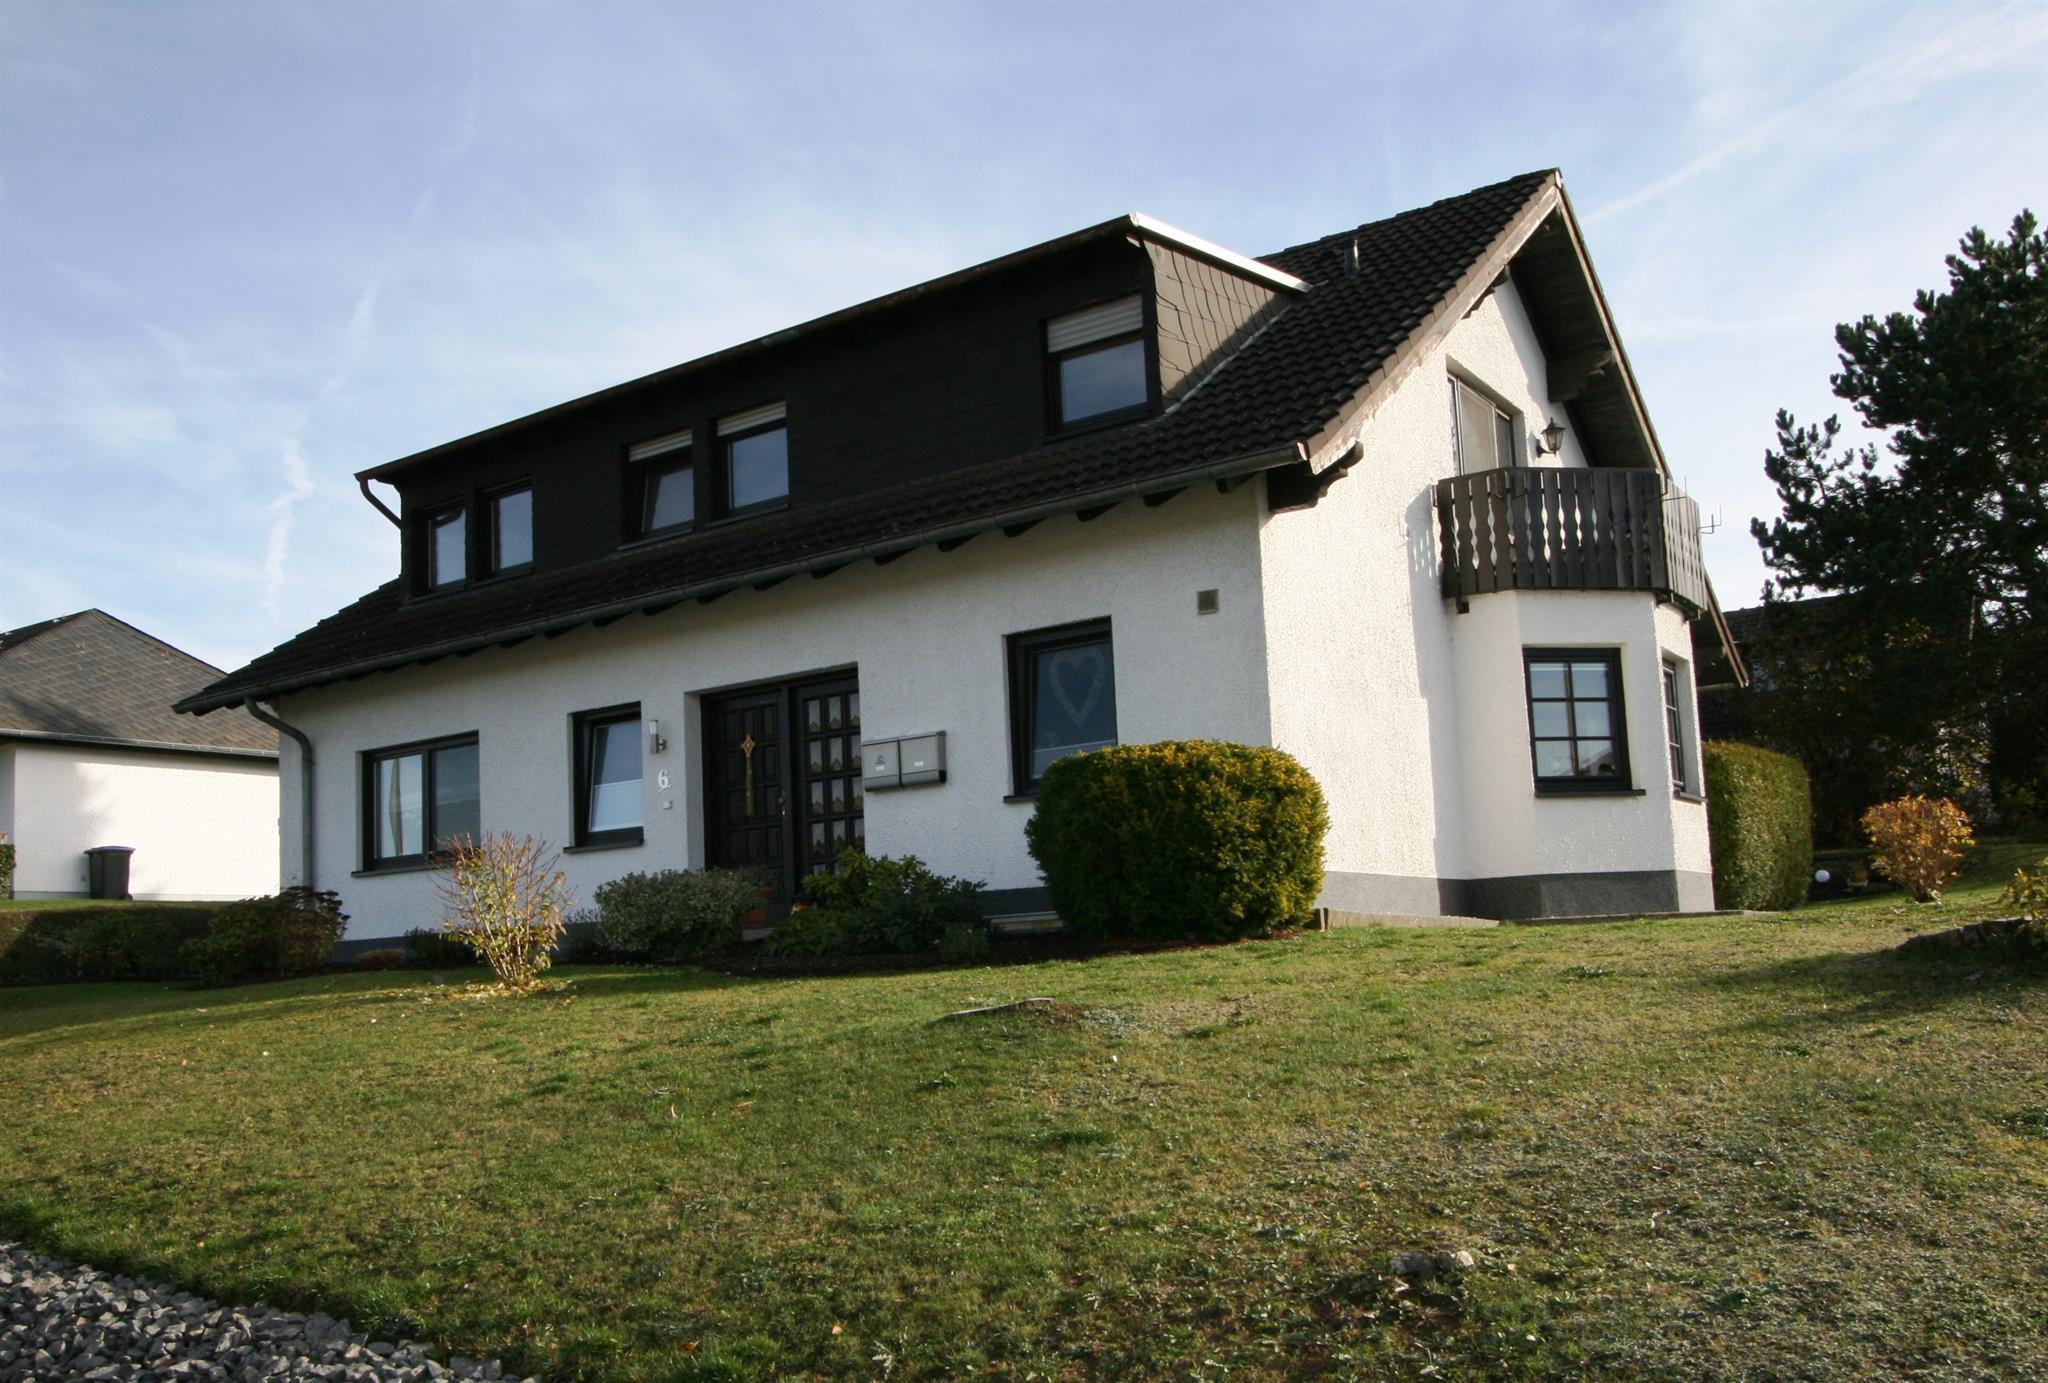 Ferienwohnung Munterleyblick 4-Bett-Fewo, Dusche u Ferienwohnung in der Eifel